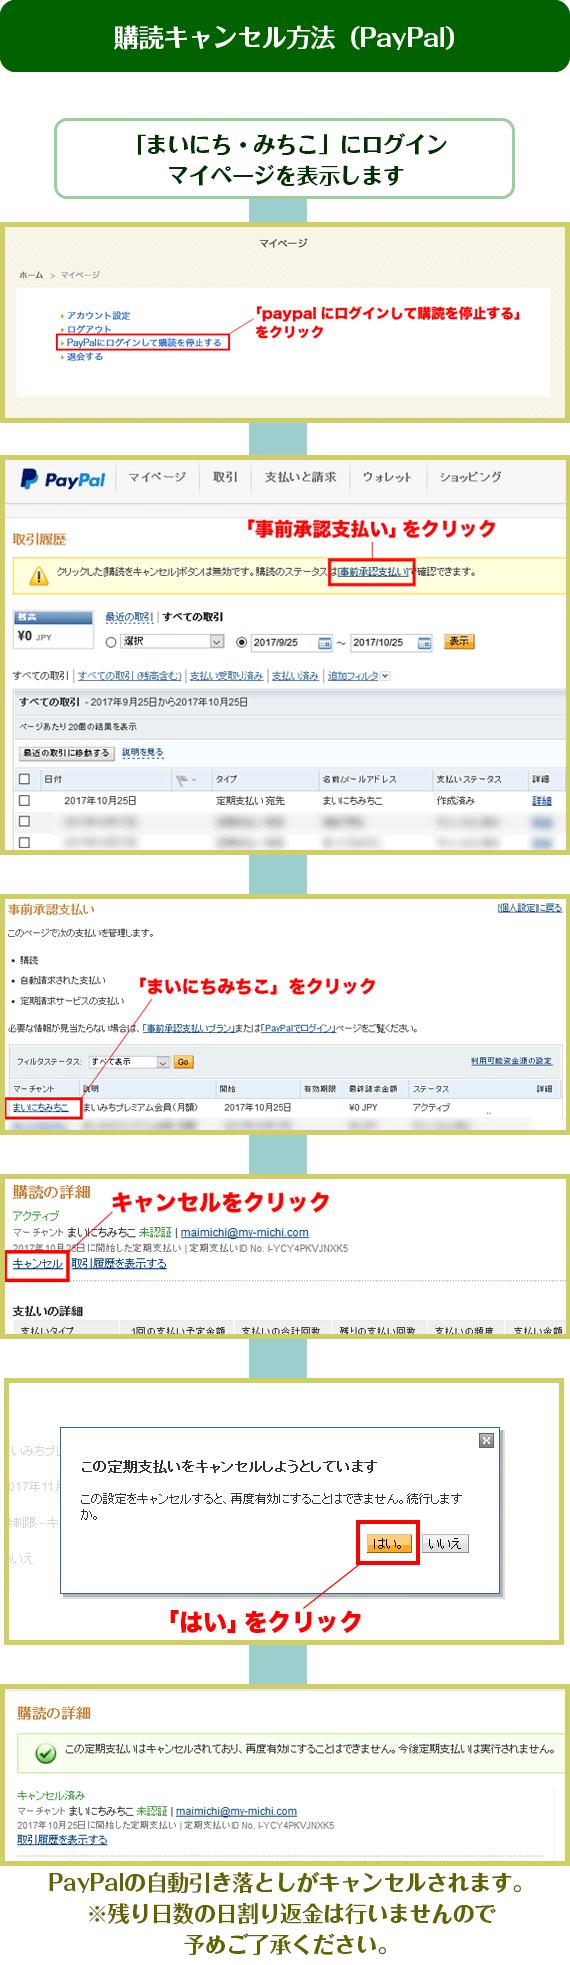 購読キャンセル手順(PayPal)